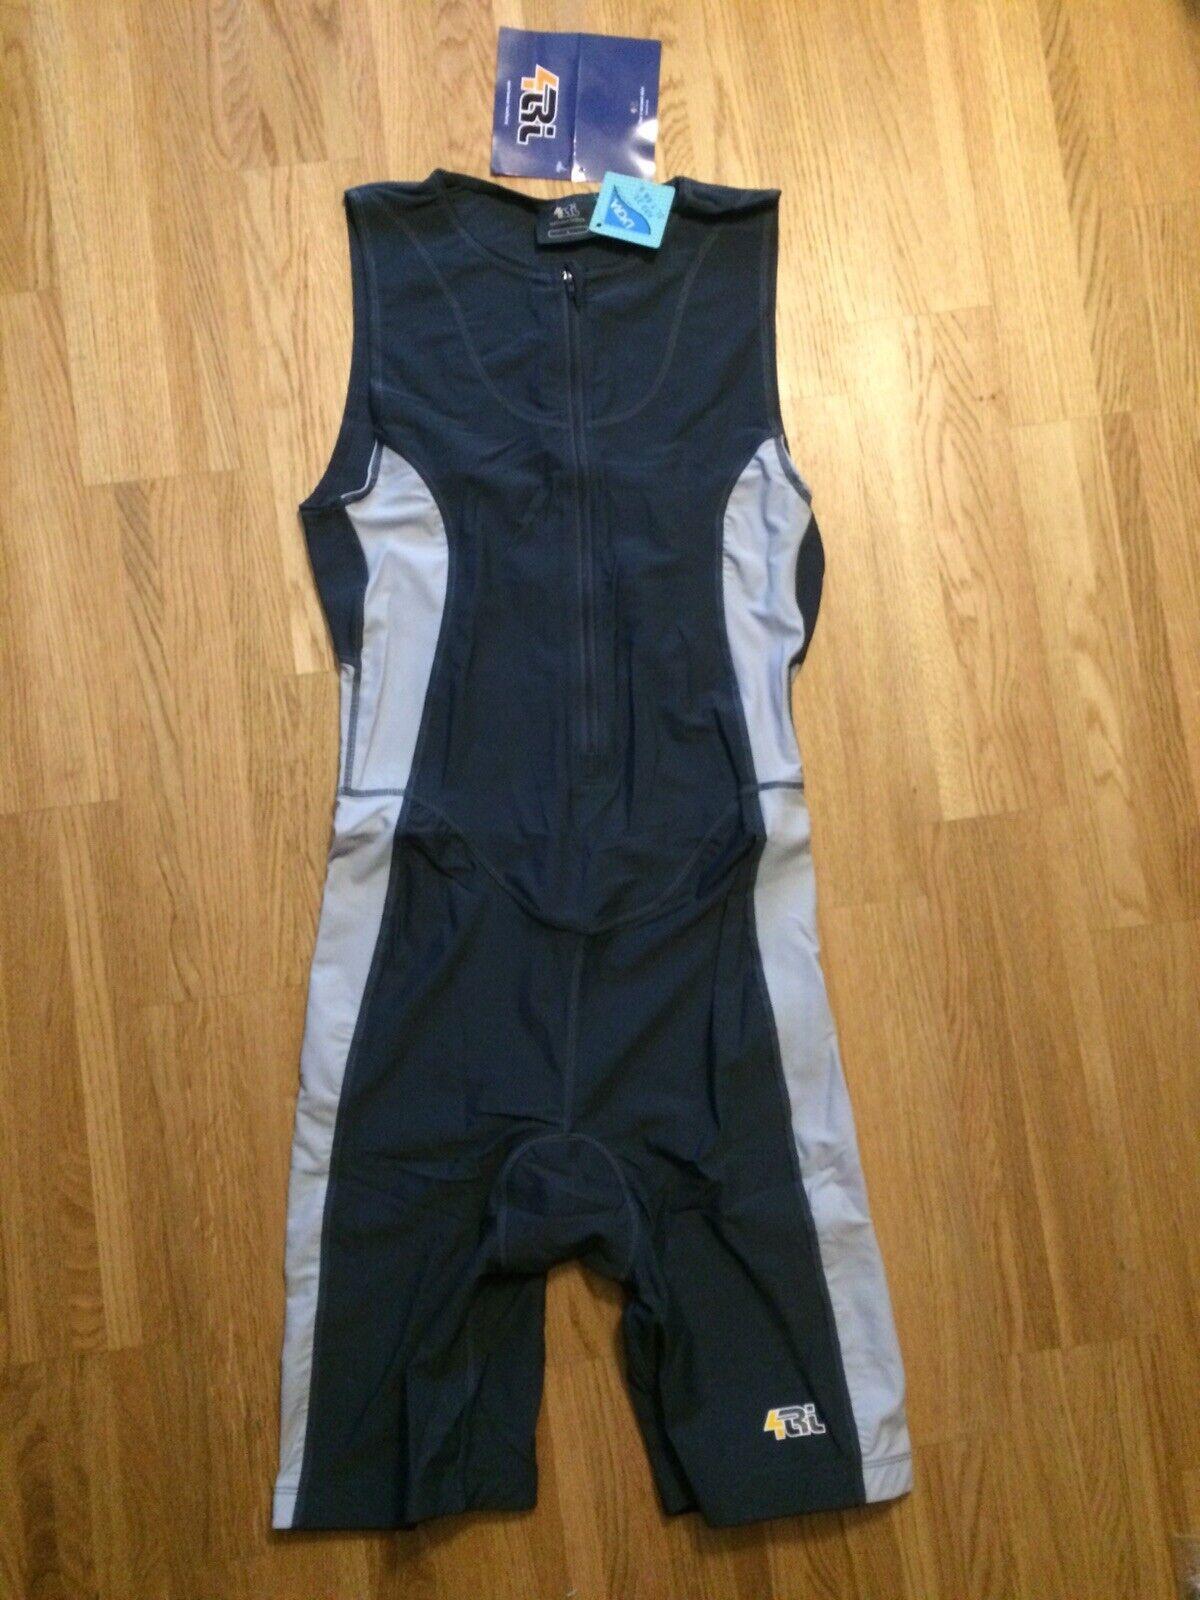 4TRI Triathlonanzug Herren Gr. L unverpackt Fitness Radler Overall Radlerbody